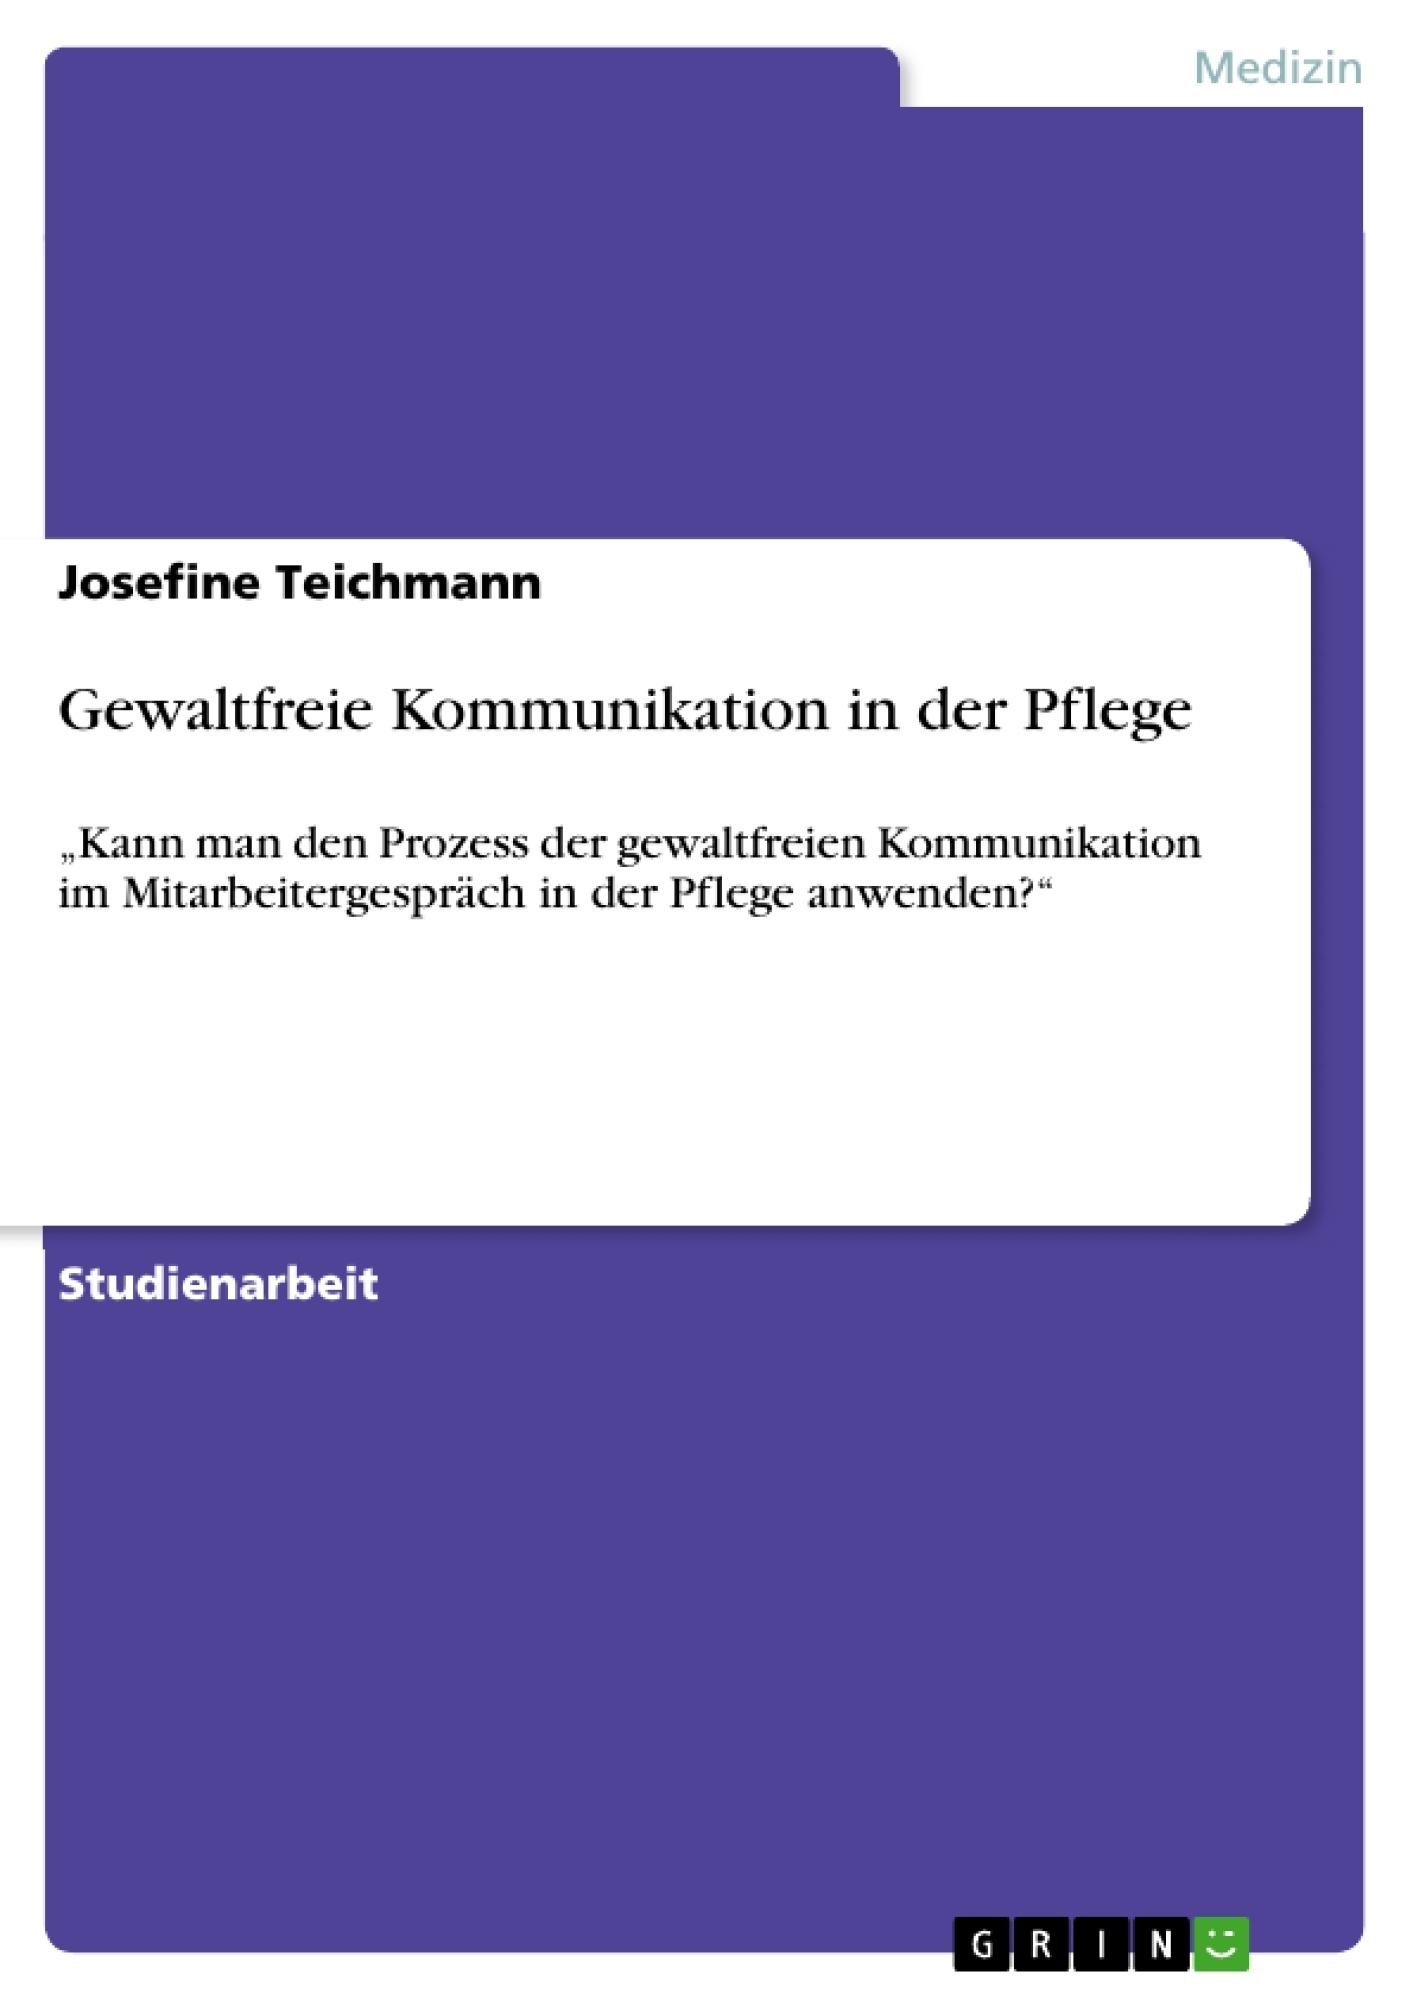 Titel: Gewaltfreie Kommunikation in der Pflege